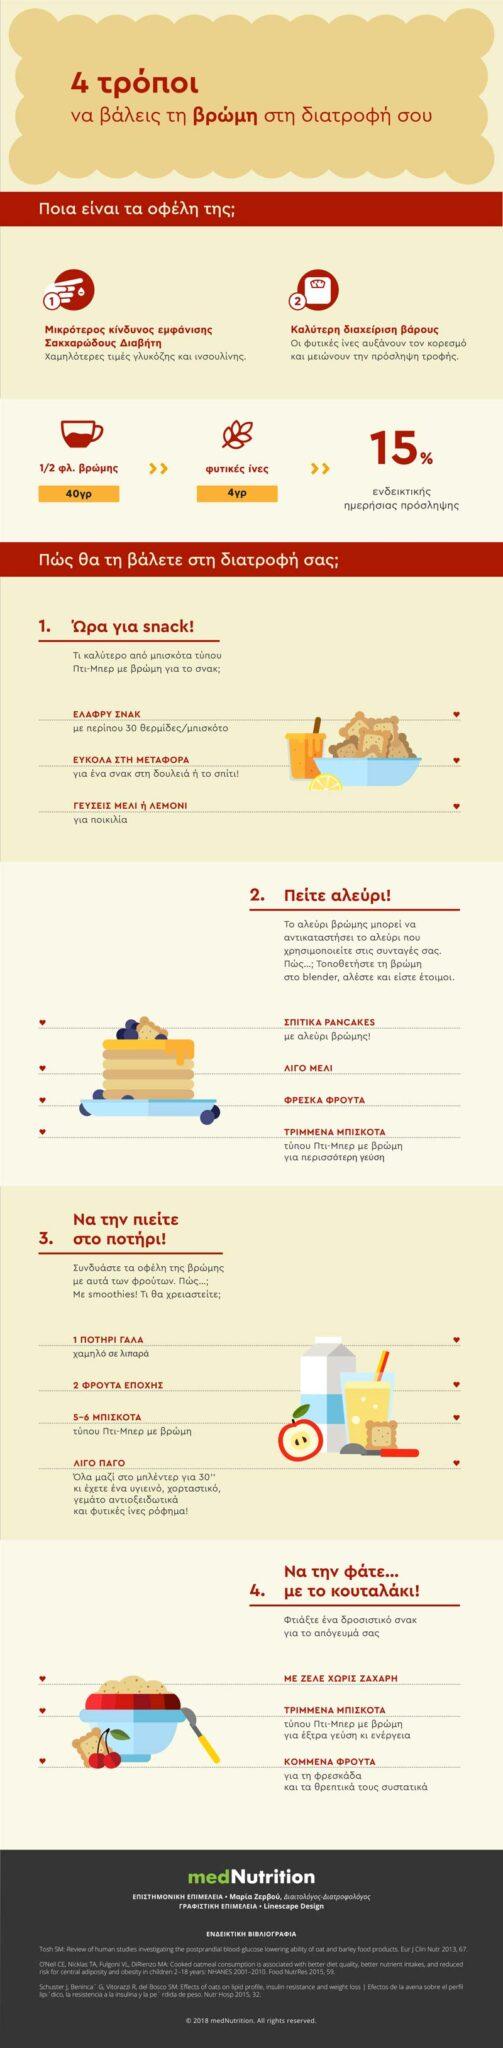 Infographic petitberre low